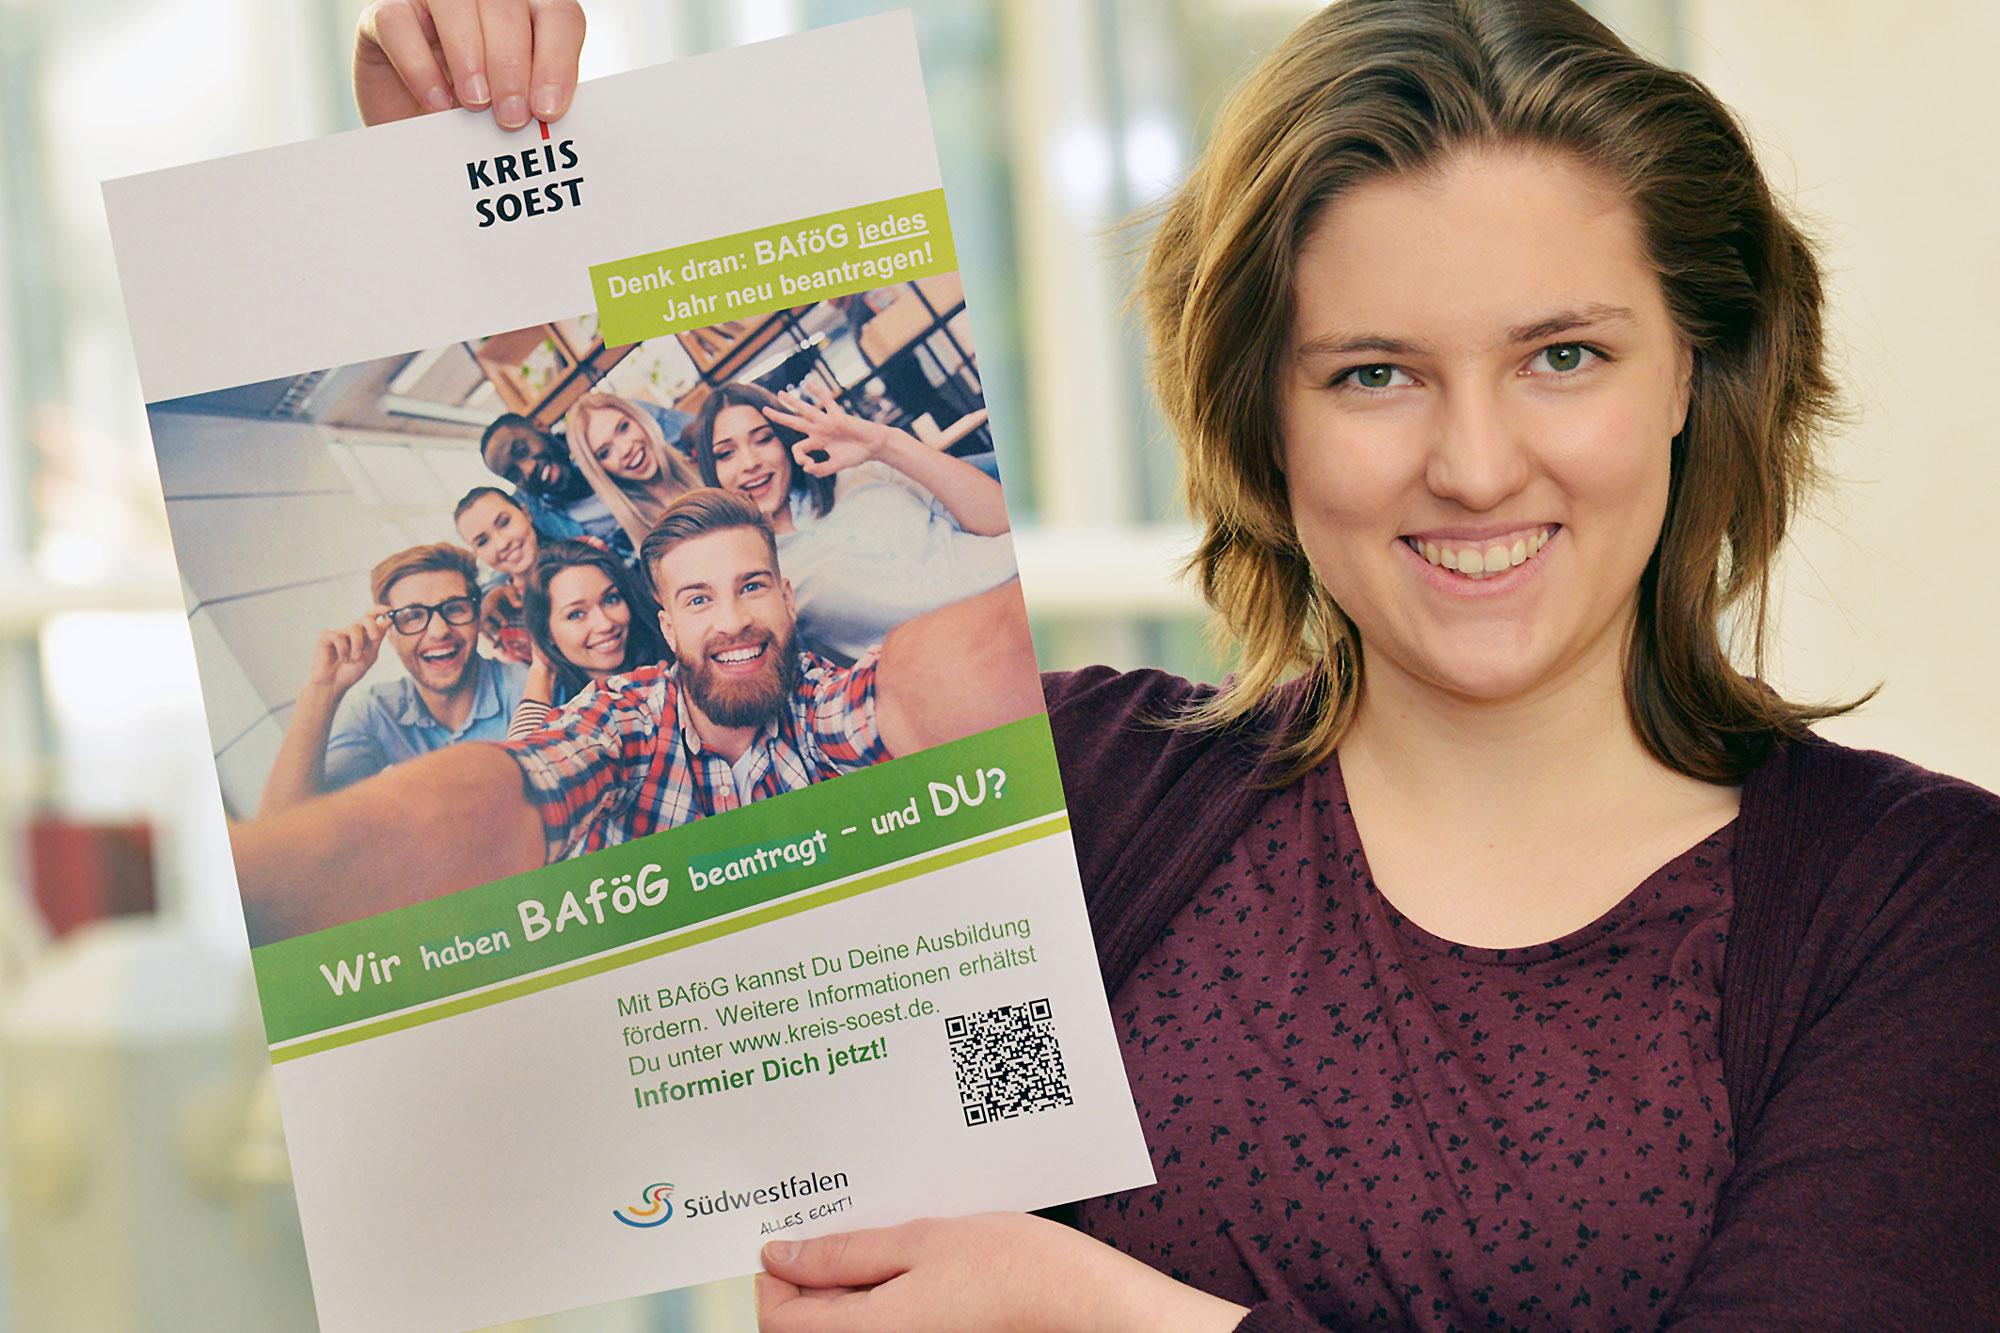 1.234 Anträge auf Schüler-BAföG gingen im vergangenen Jahr beim Kreis Soest ein. 940 wurden positiv beschieden. (Foto: Thomas Weinstock/ Kreis Soest)